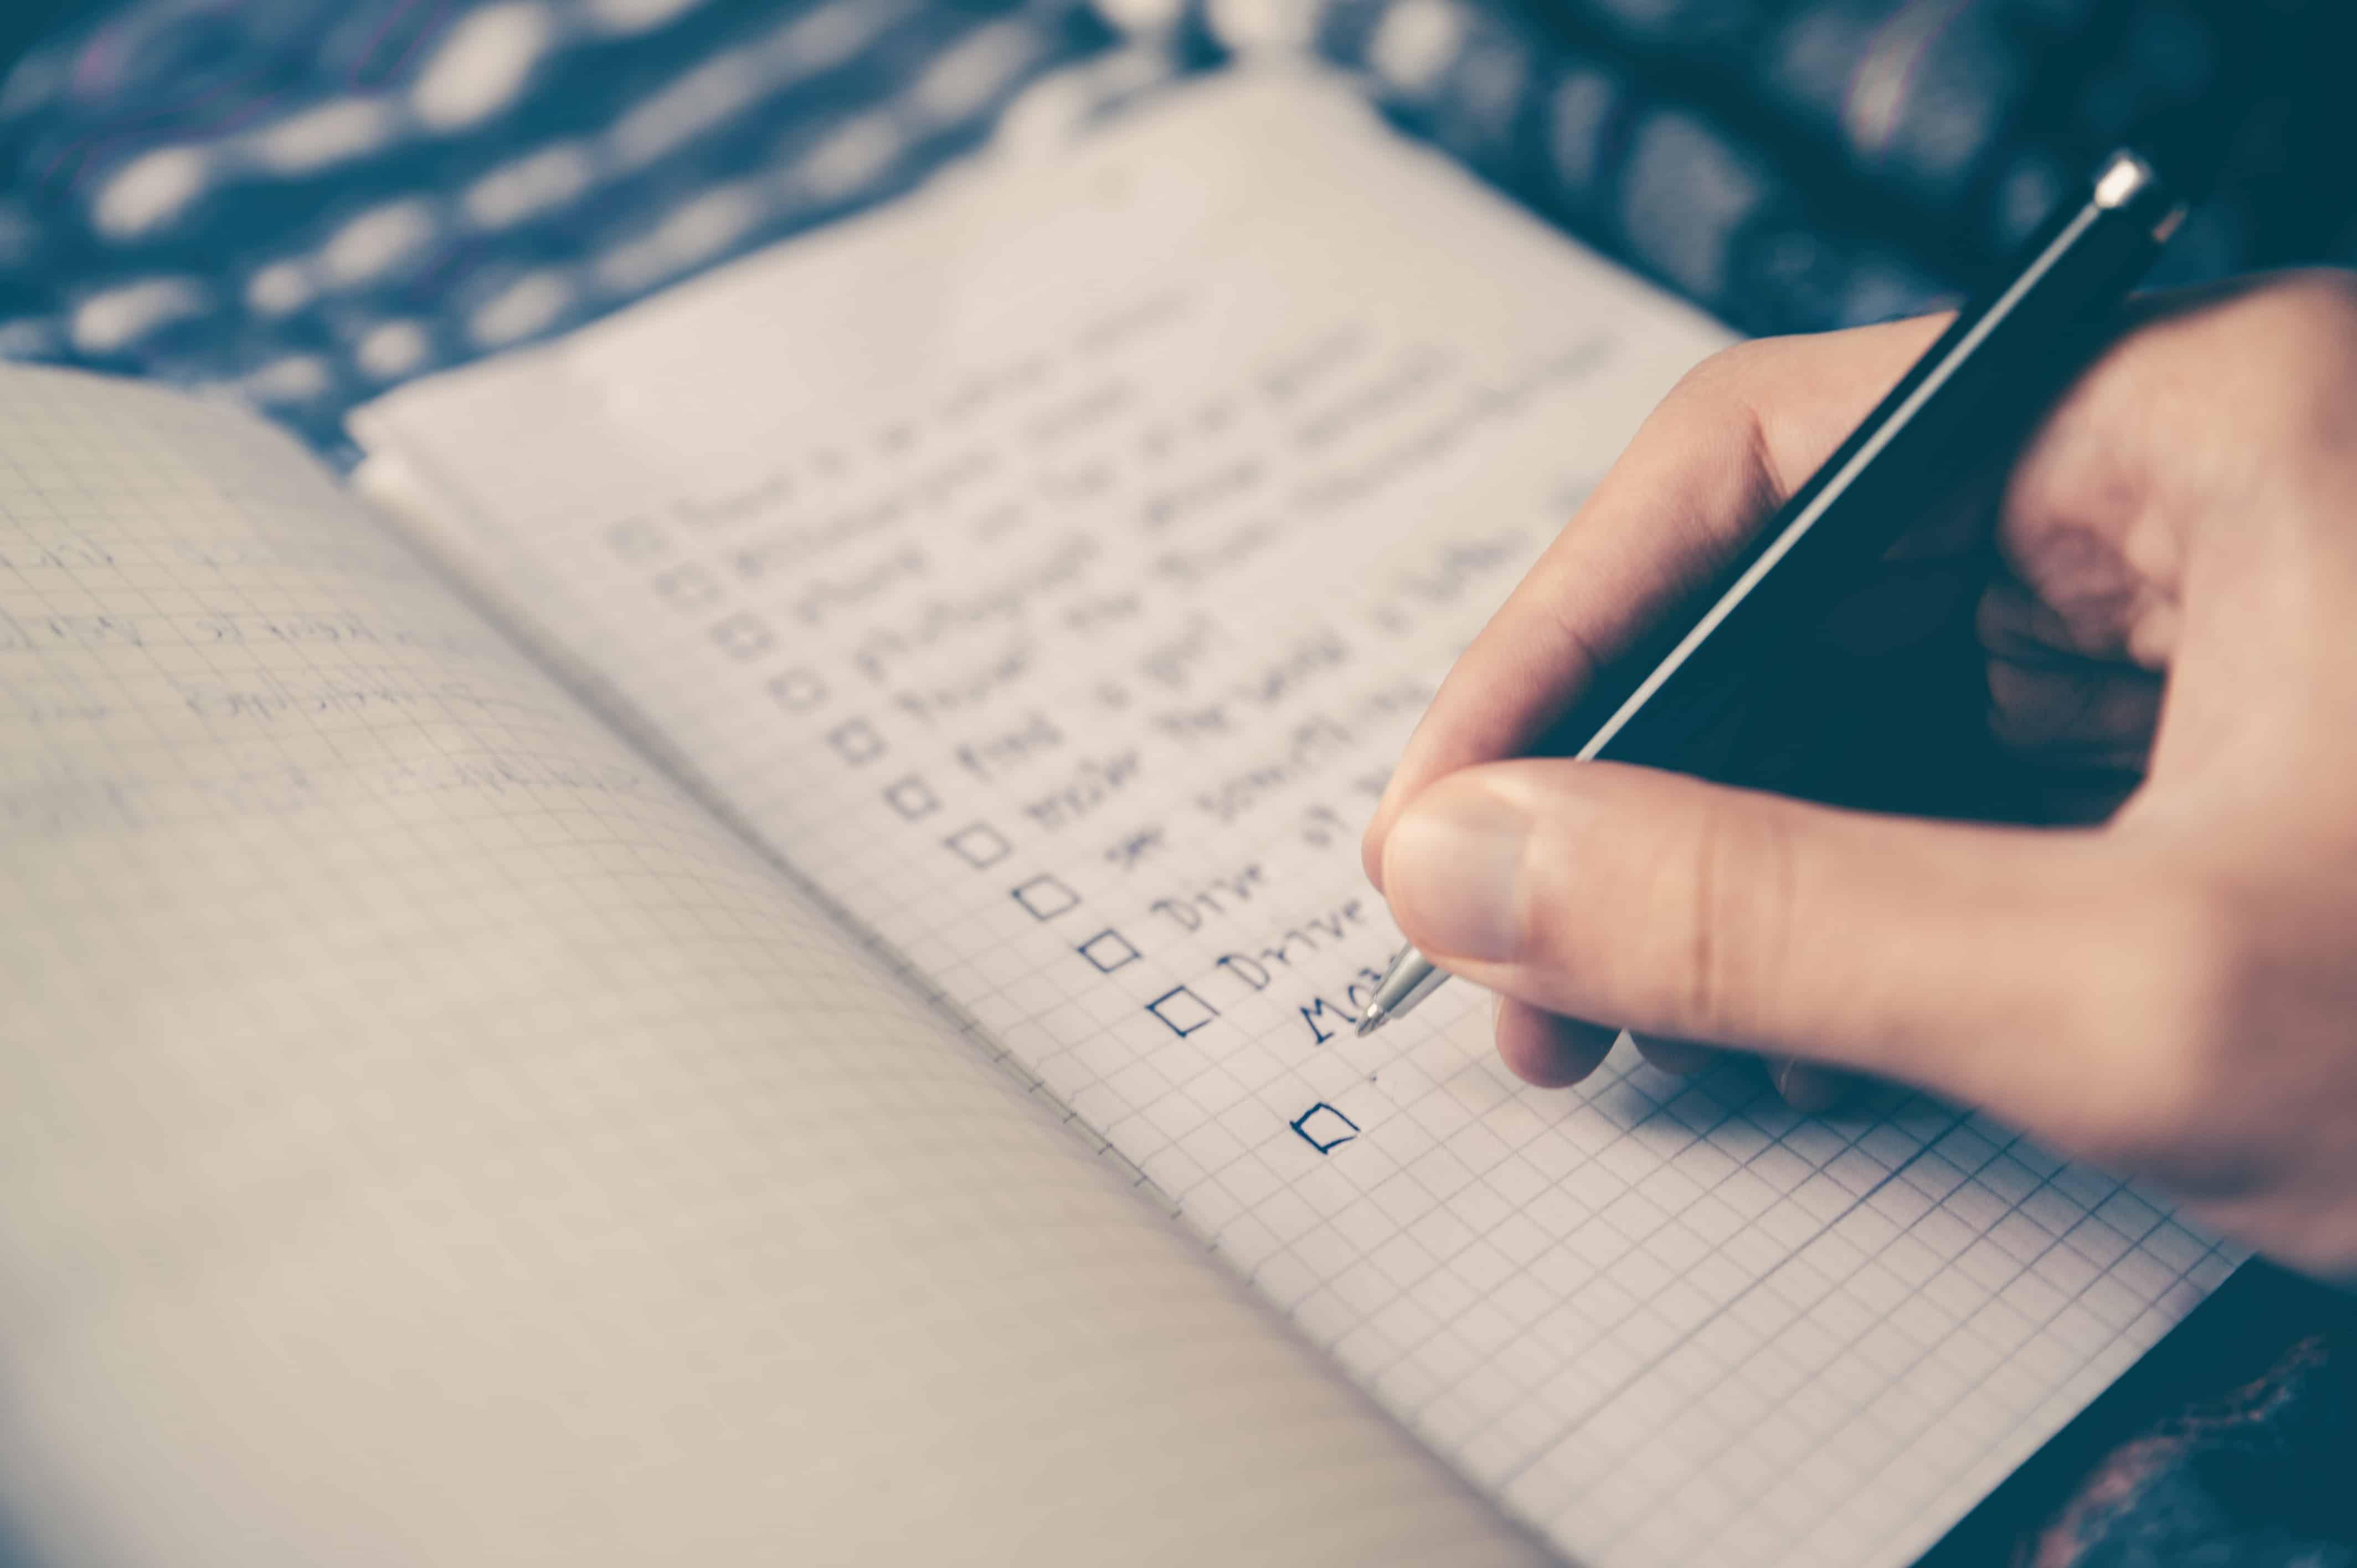 a list representing a financial checklist